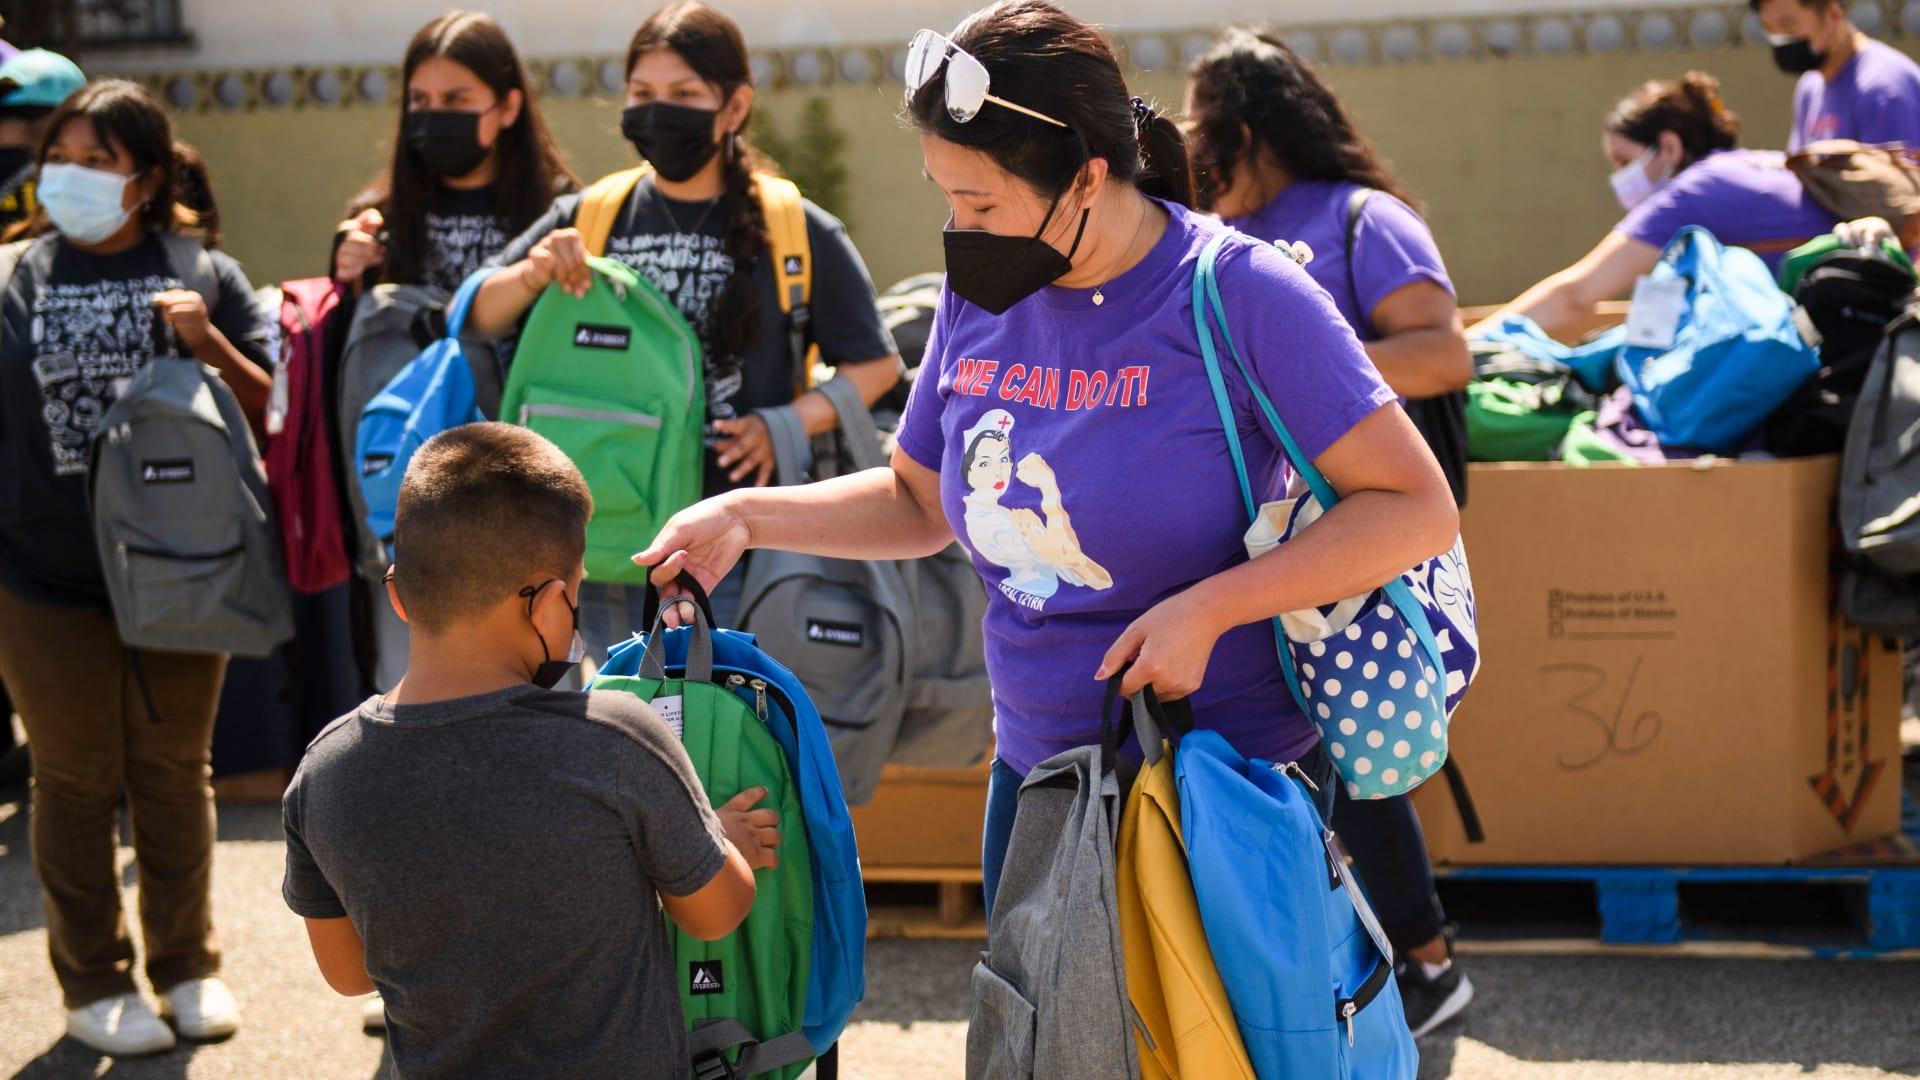 """المراكز الأمريكية لمكافحة الأمراض والسيطرة عليها: لقاح """"فايزر"""" يجنّب المراهقين الاستشفاء بنسبة 93%"""